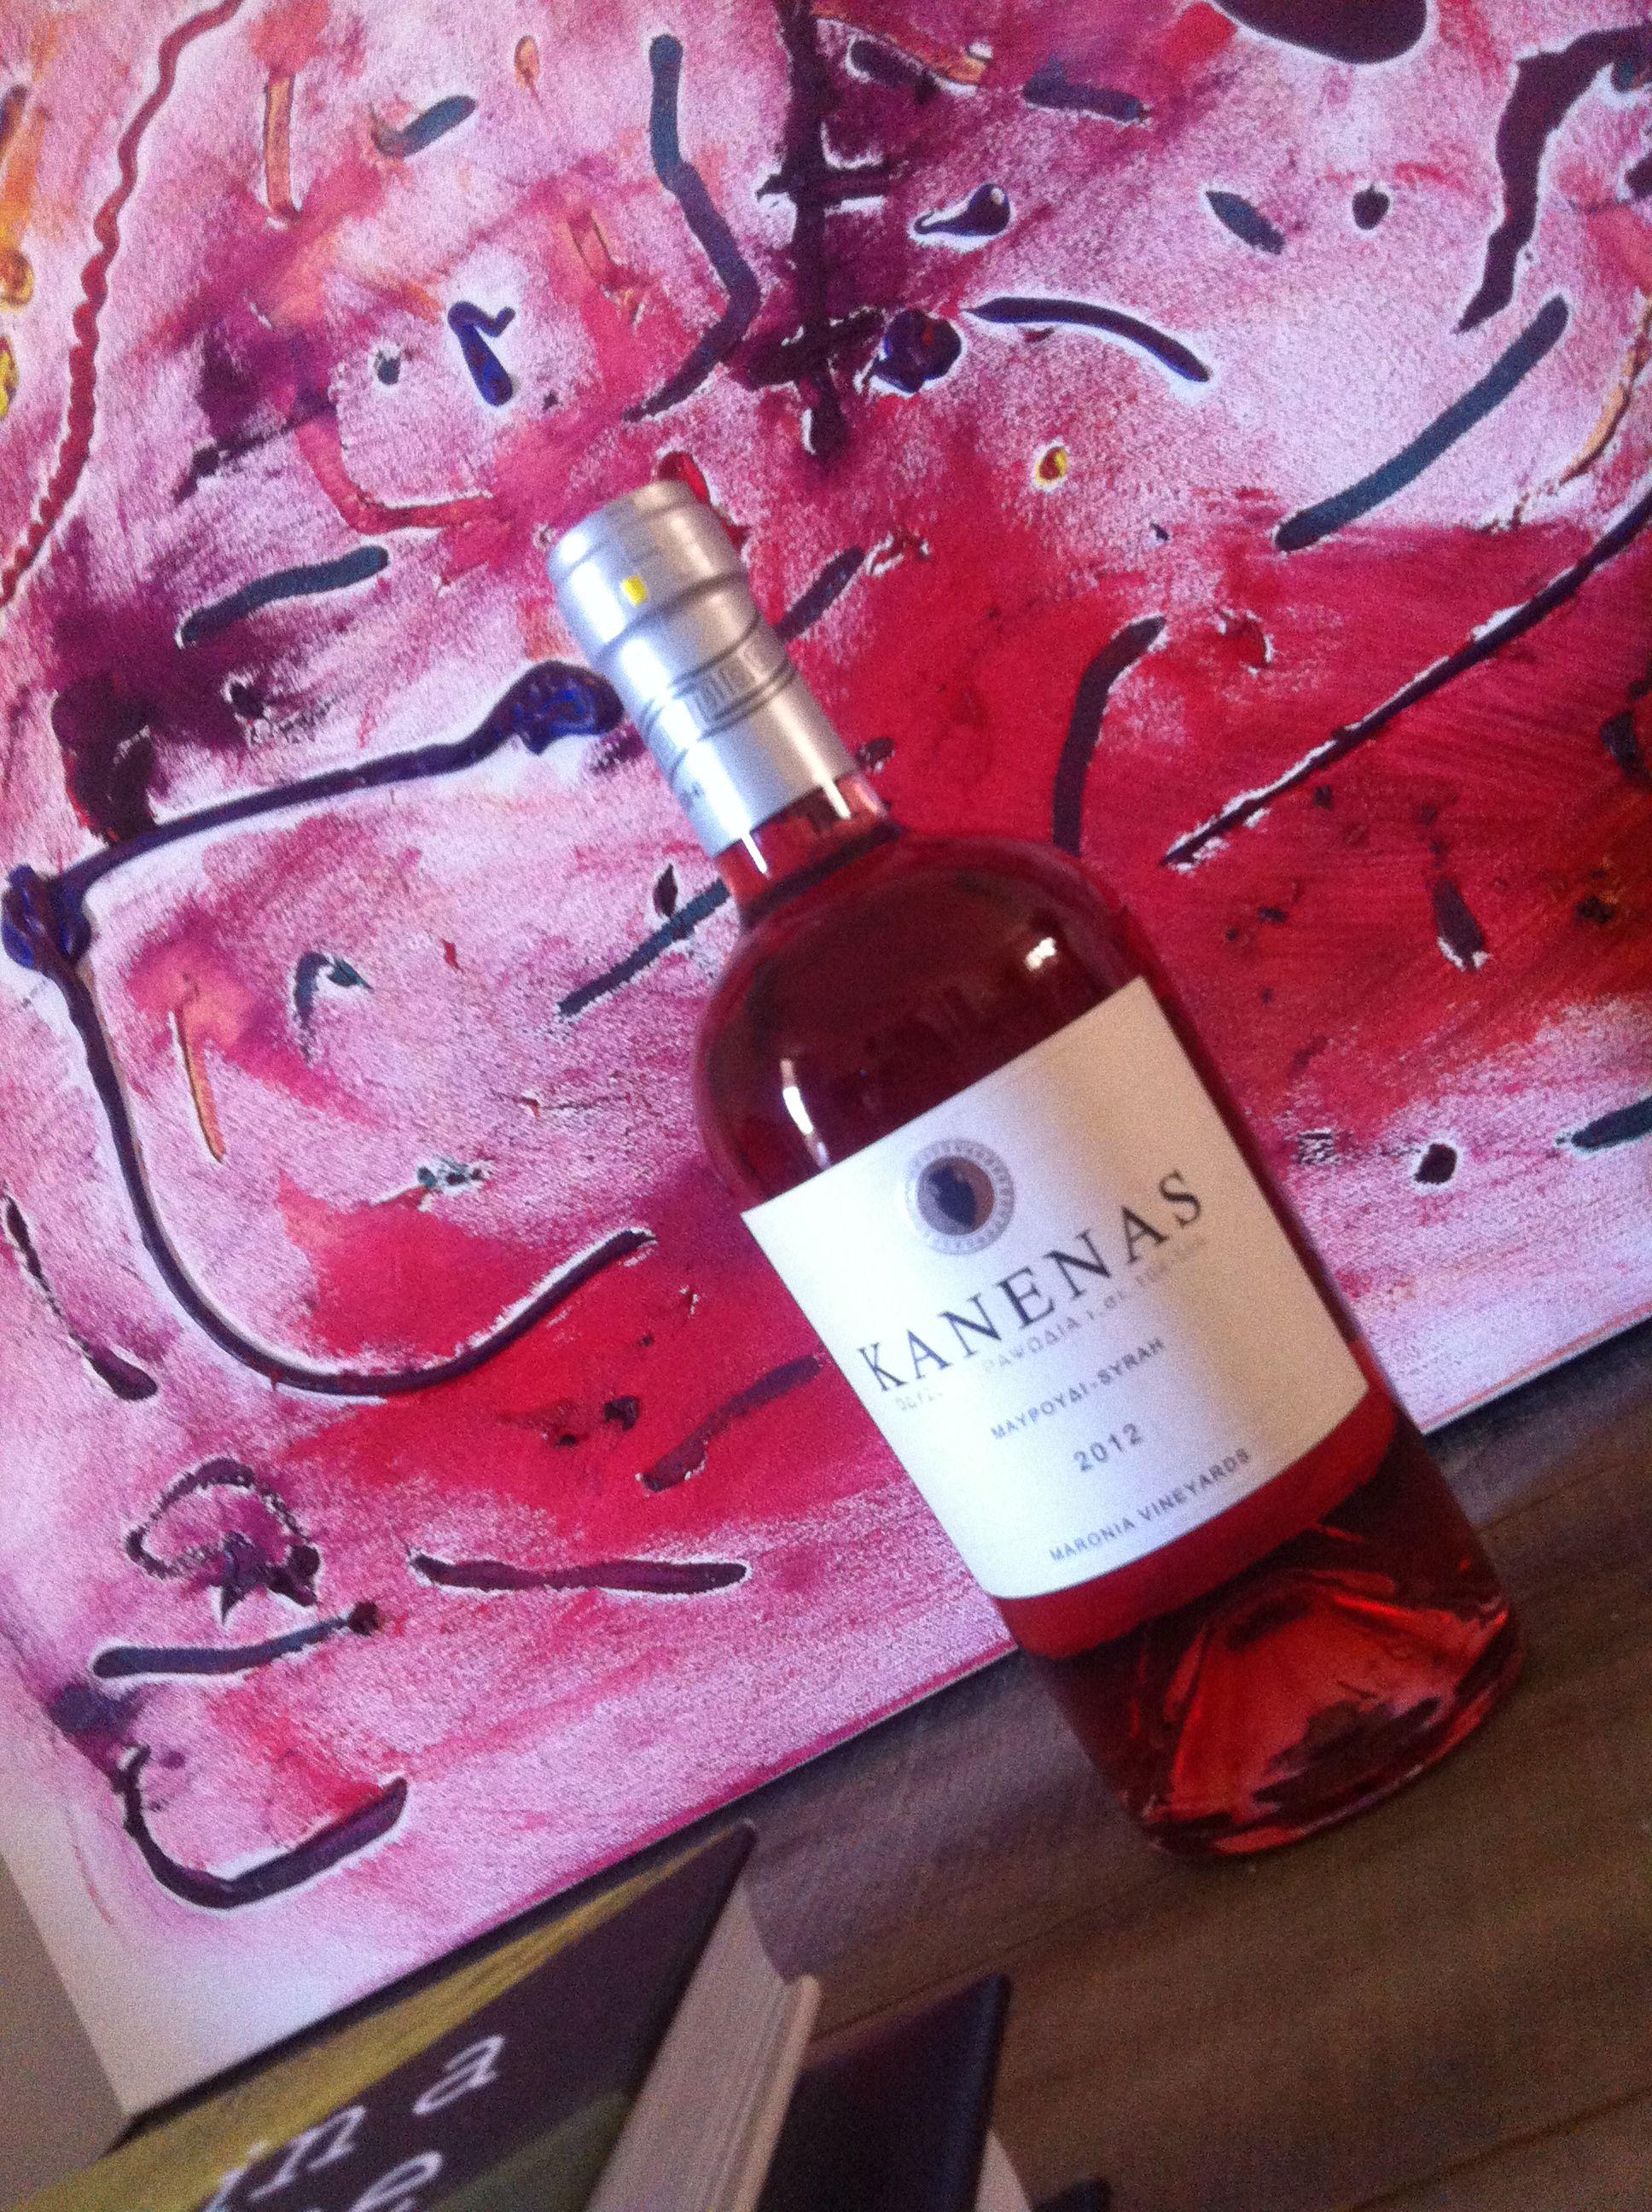 Very Artsy Kanenas Wine Tsantali Rose Wine Bottle Wine Bottle Wine